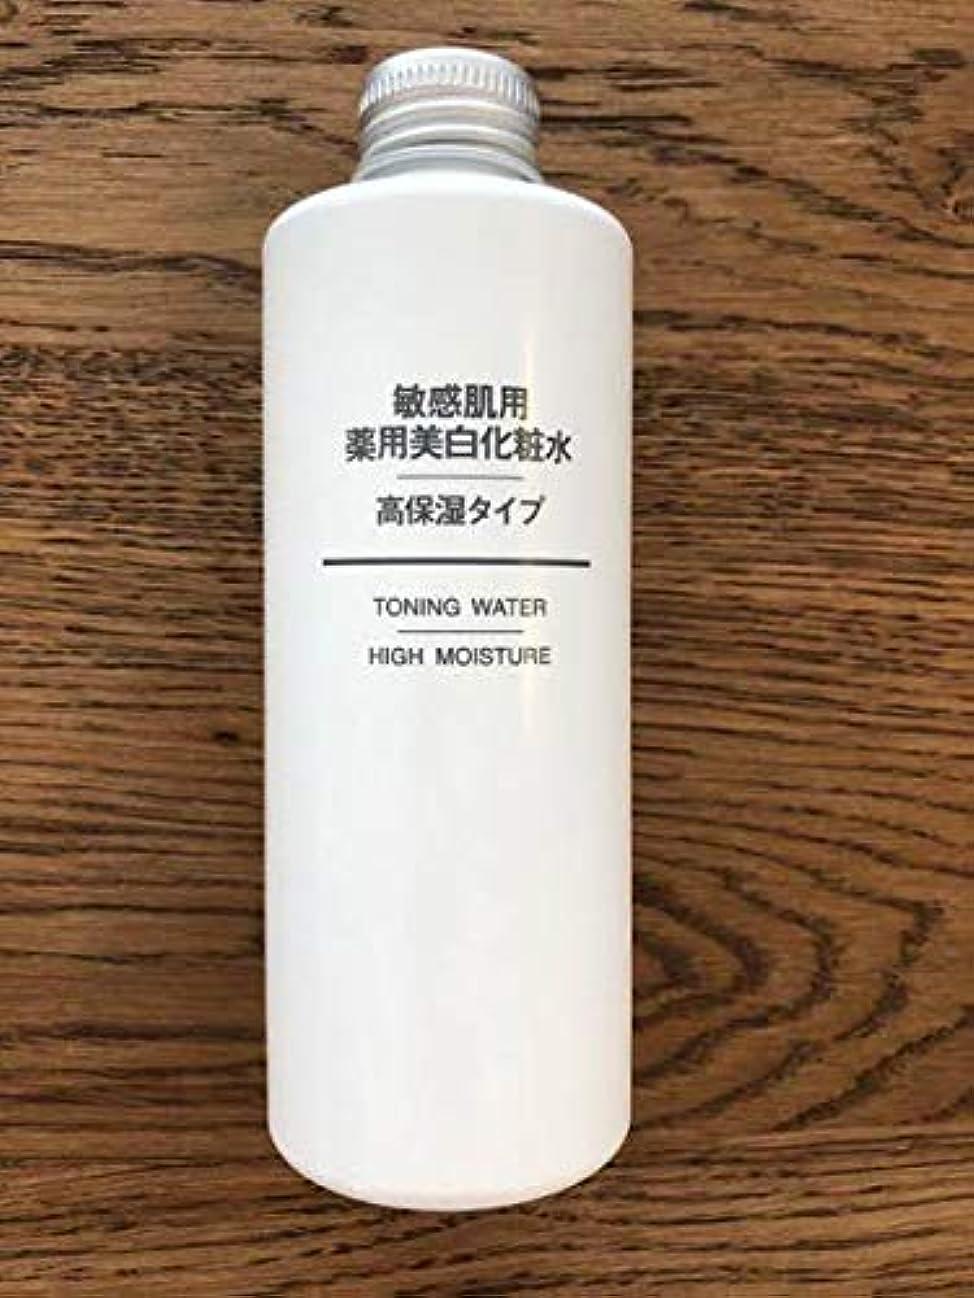 大きさ一時解雇する床無印良品 敏感肌用 薬用美白化粧水 高保湿タイプ (新)200ml